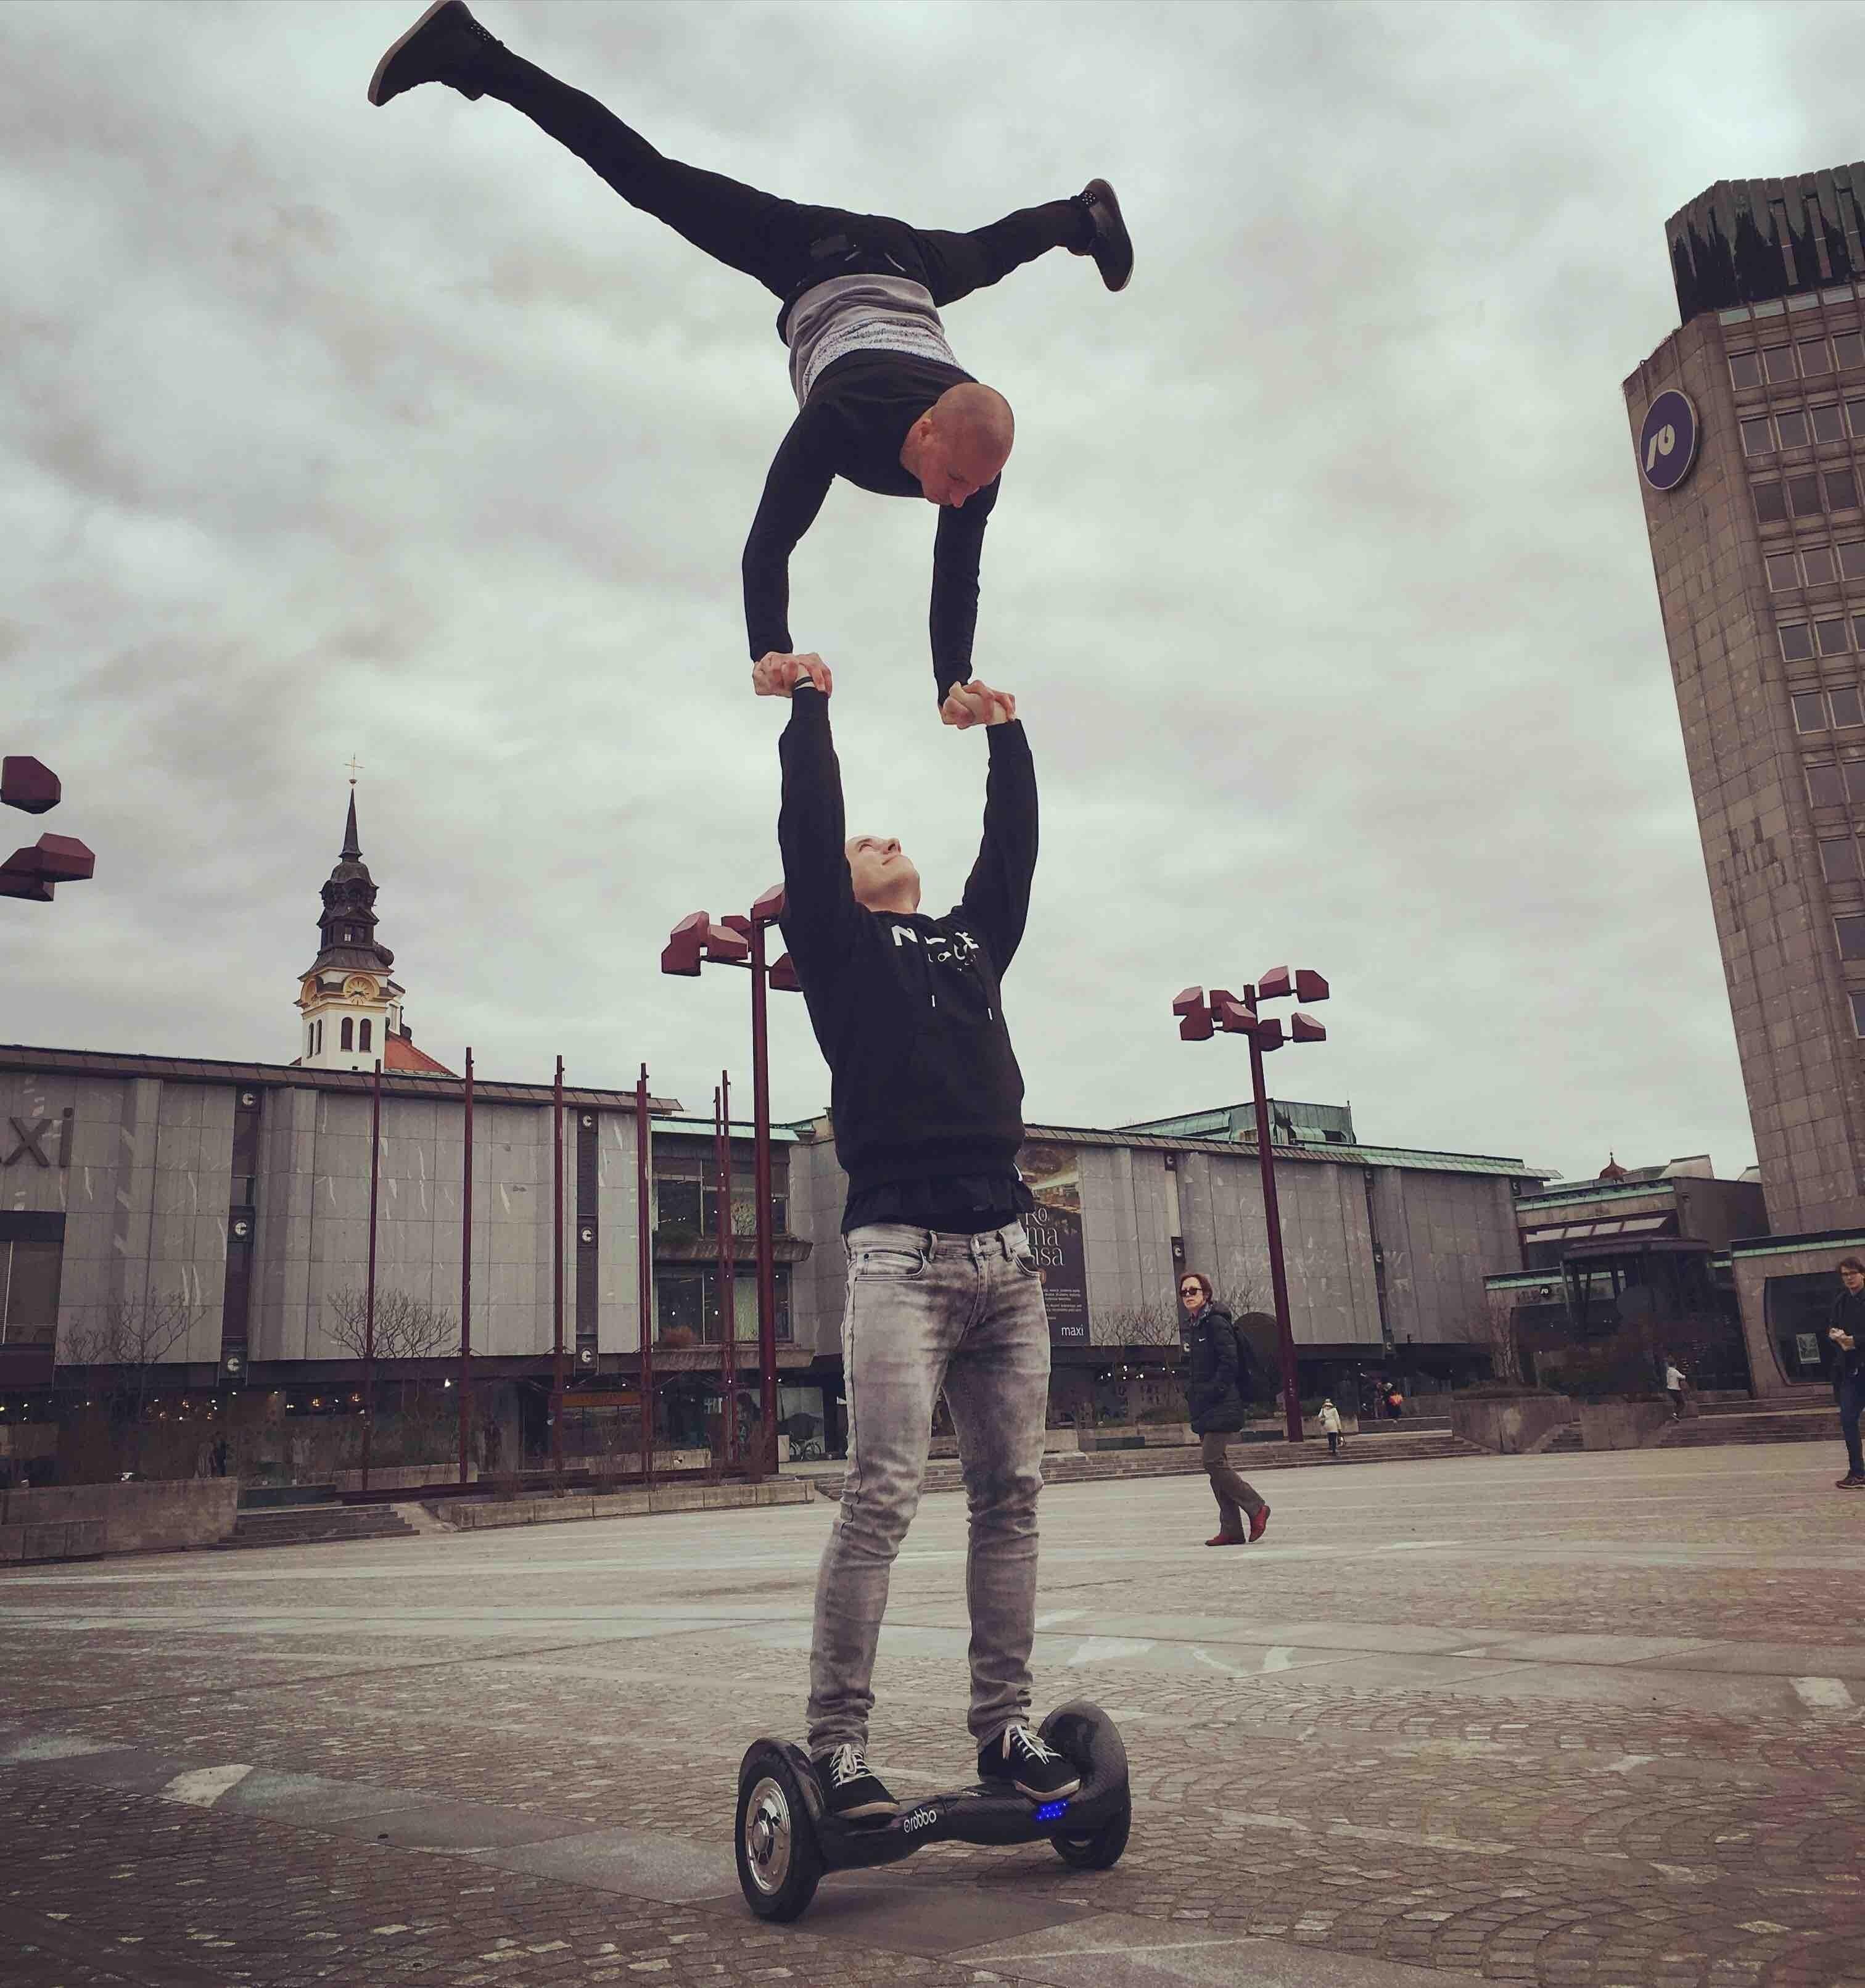 2парня нагироскутере (акробатика) (сайт Минской школы киноискусства)